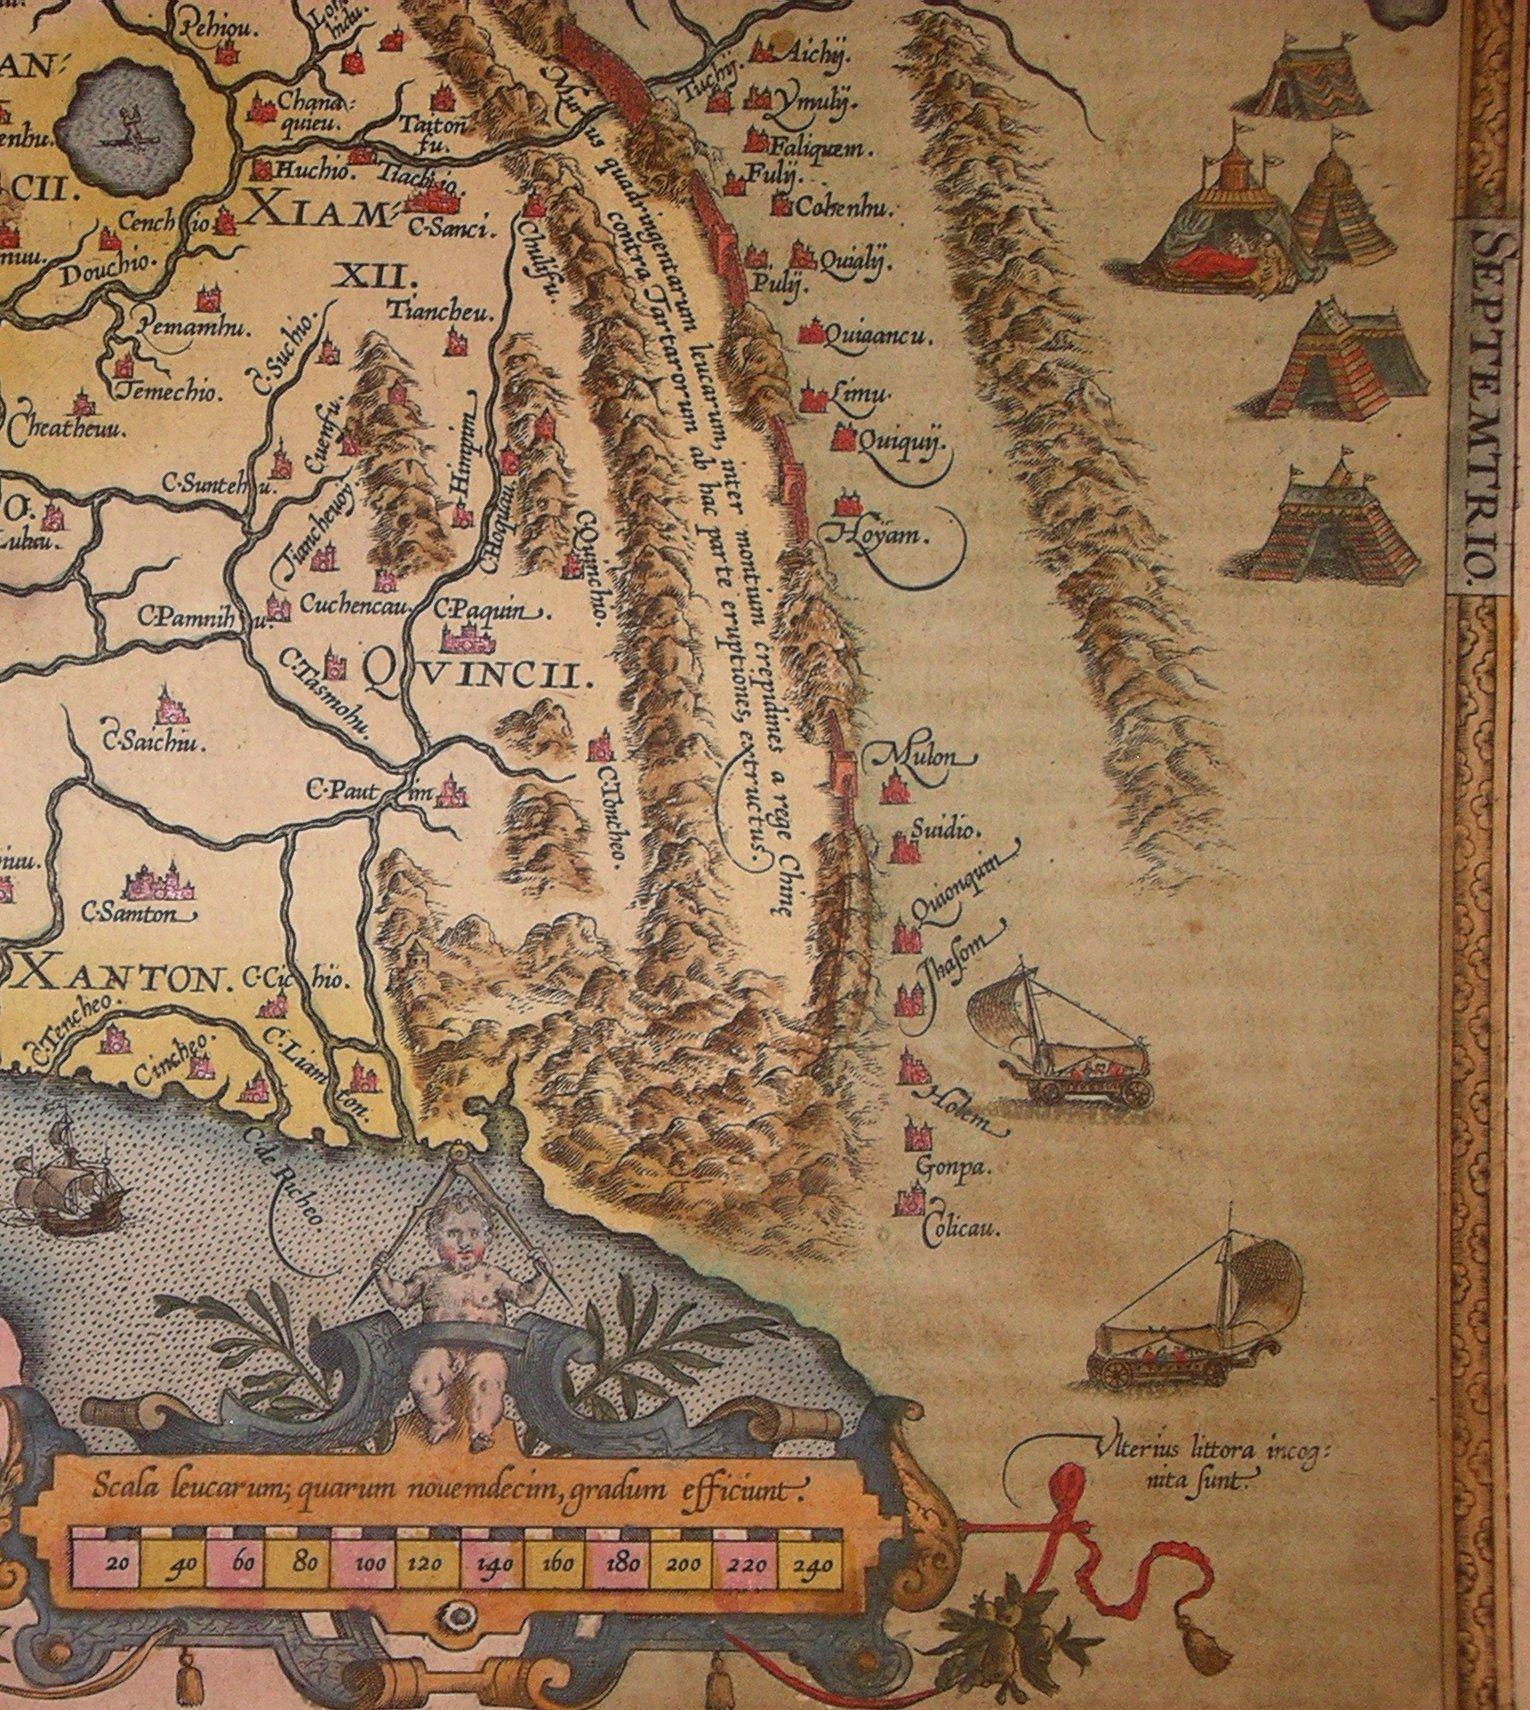 Chinesische Mauer Karte.Datei Chinesische Mauer Ortelius 1584 Jpg Wikipedia